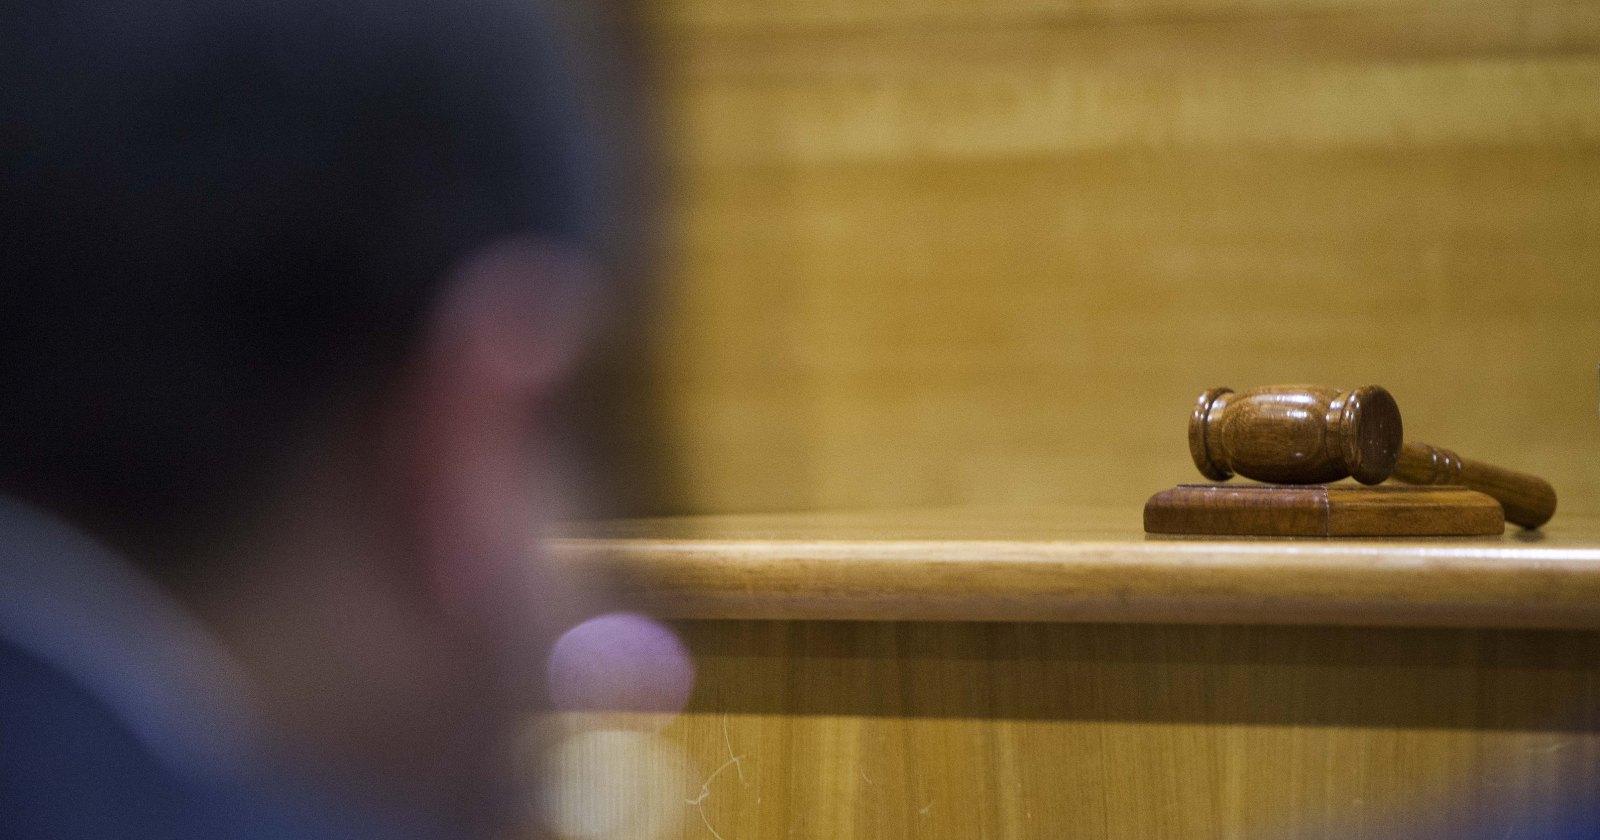 Condenan a joven por muerte de adolescente de 16 años en Iquique